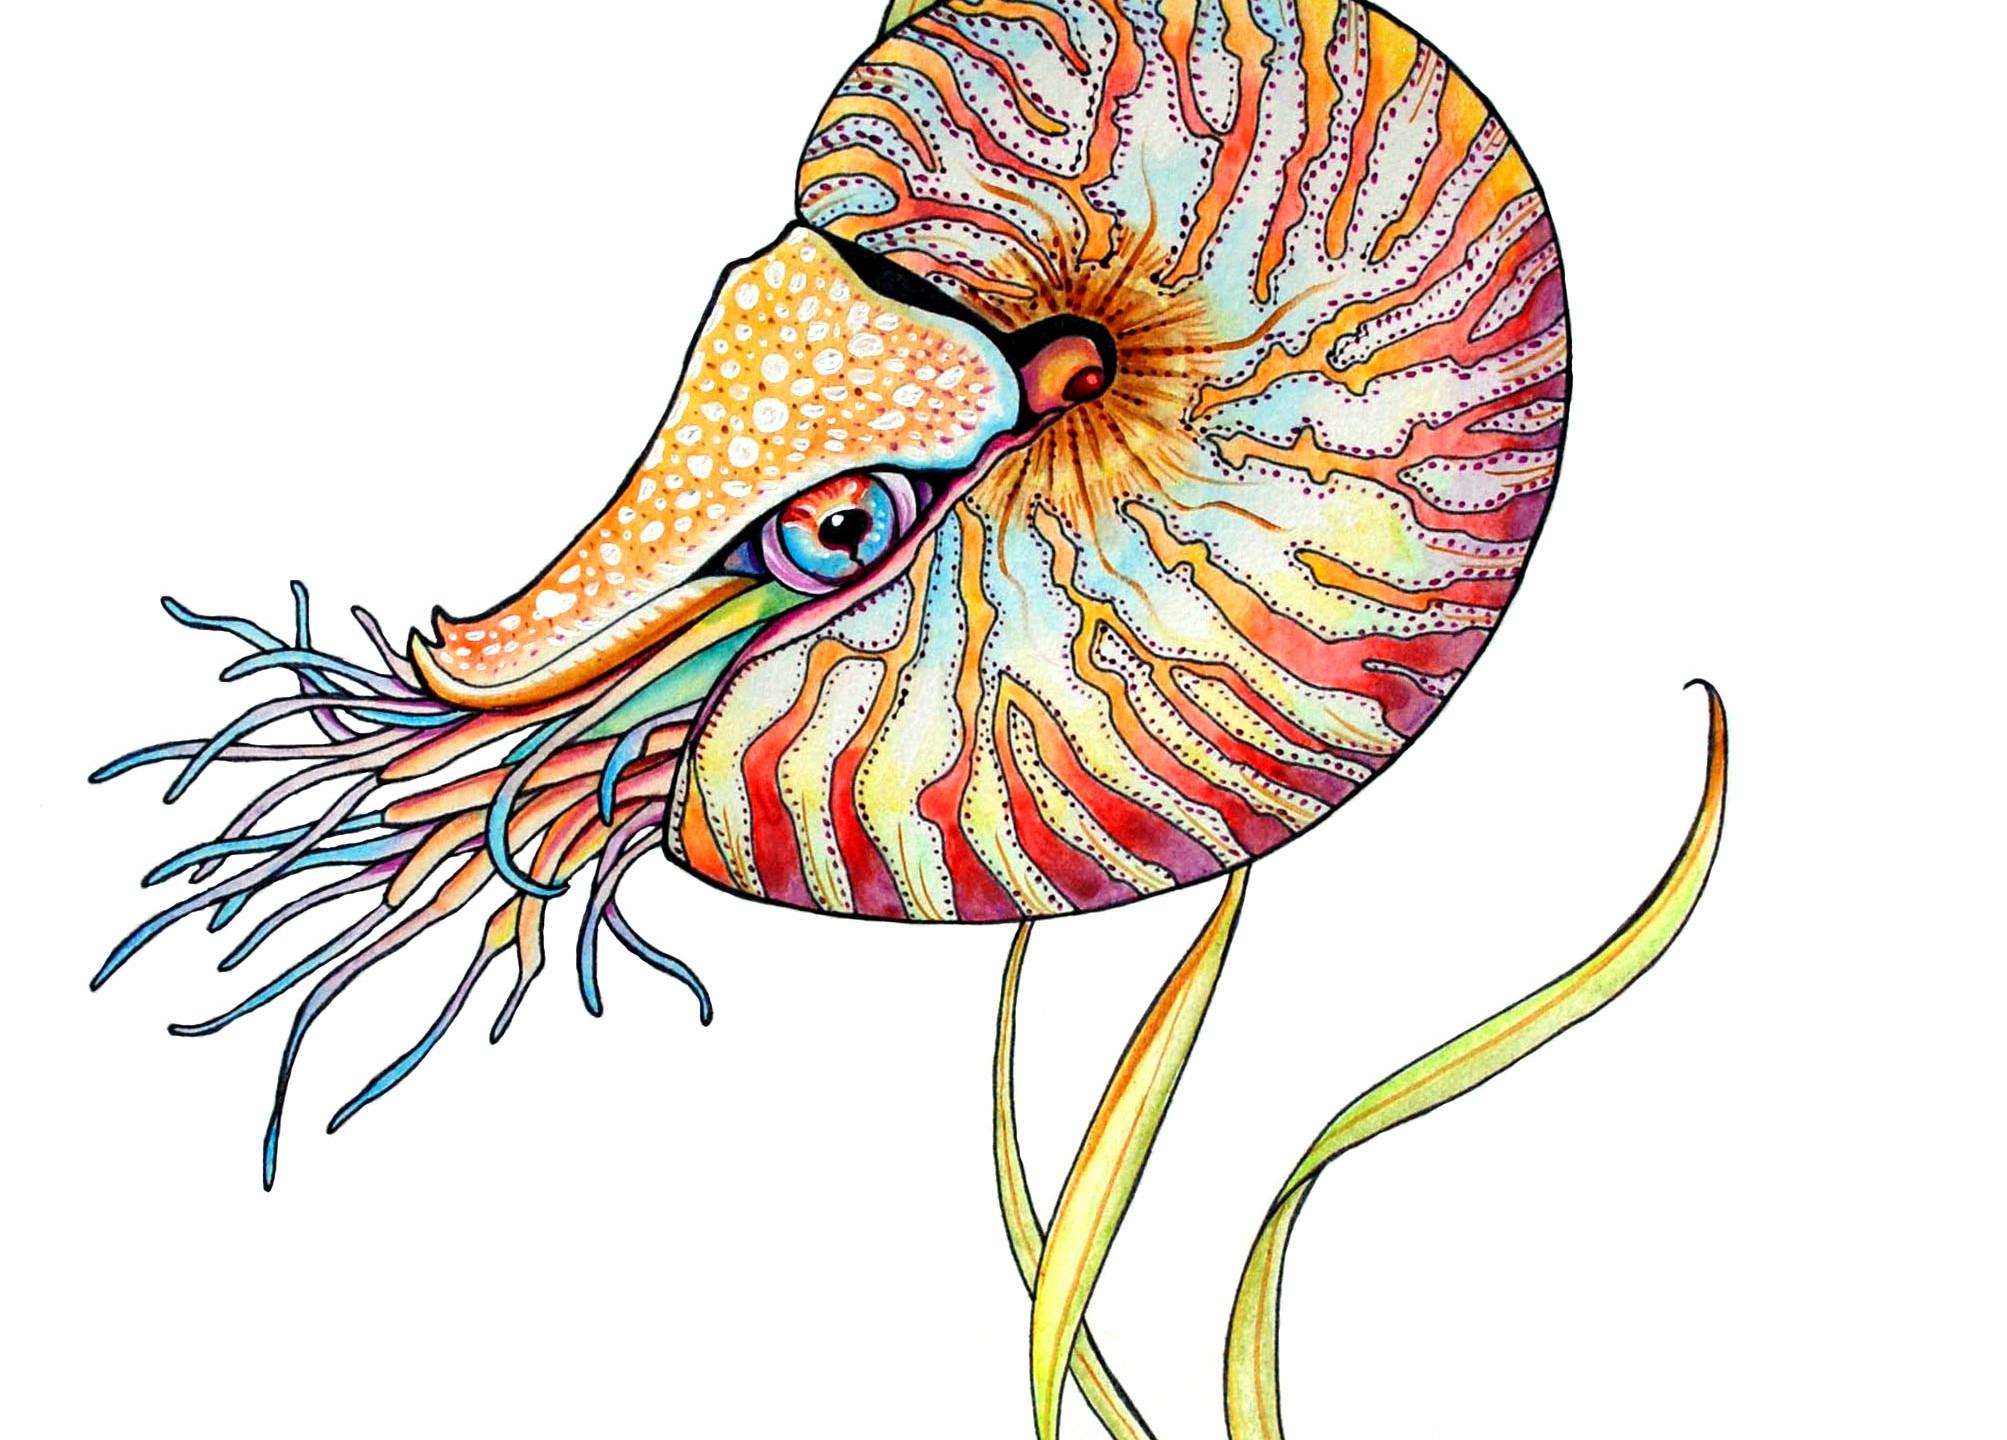 Nautilus Edited